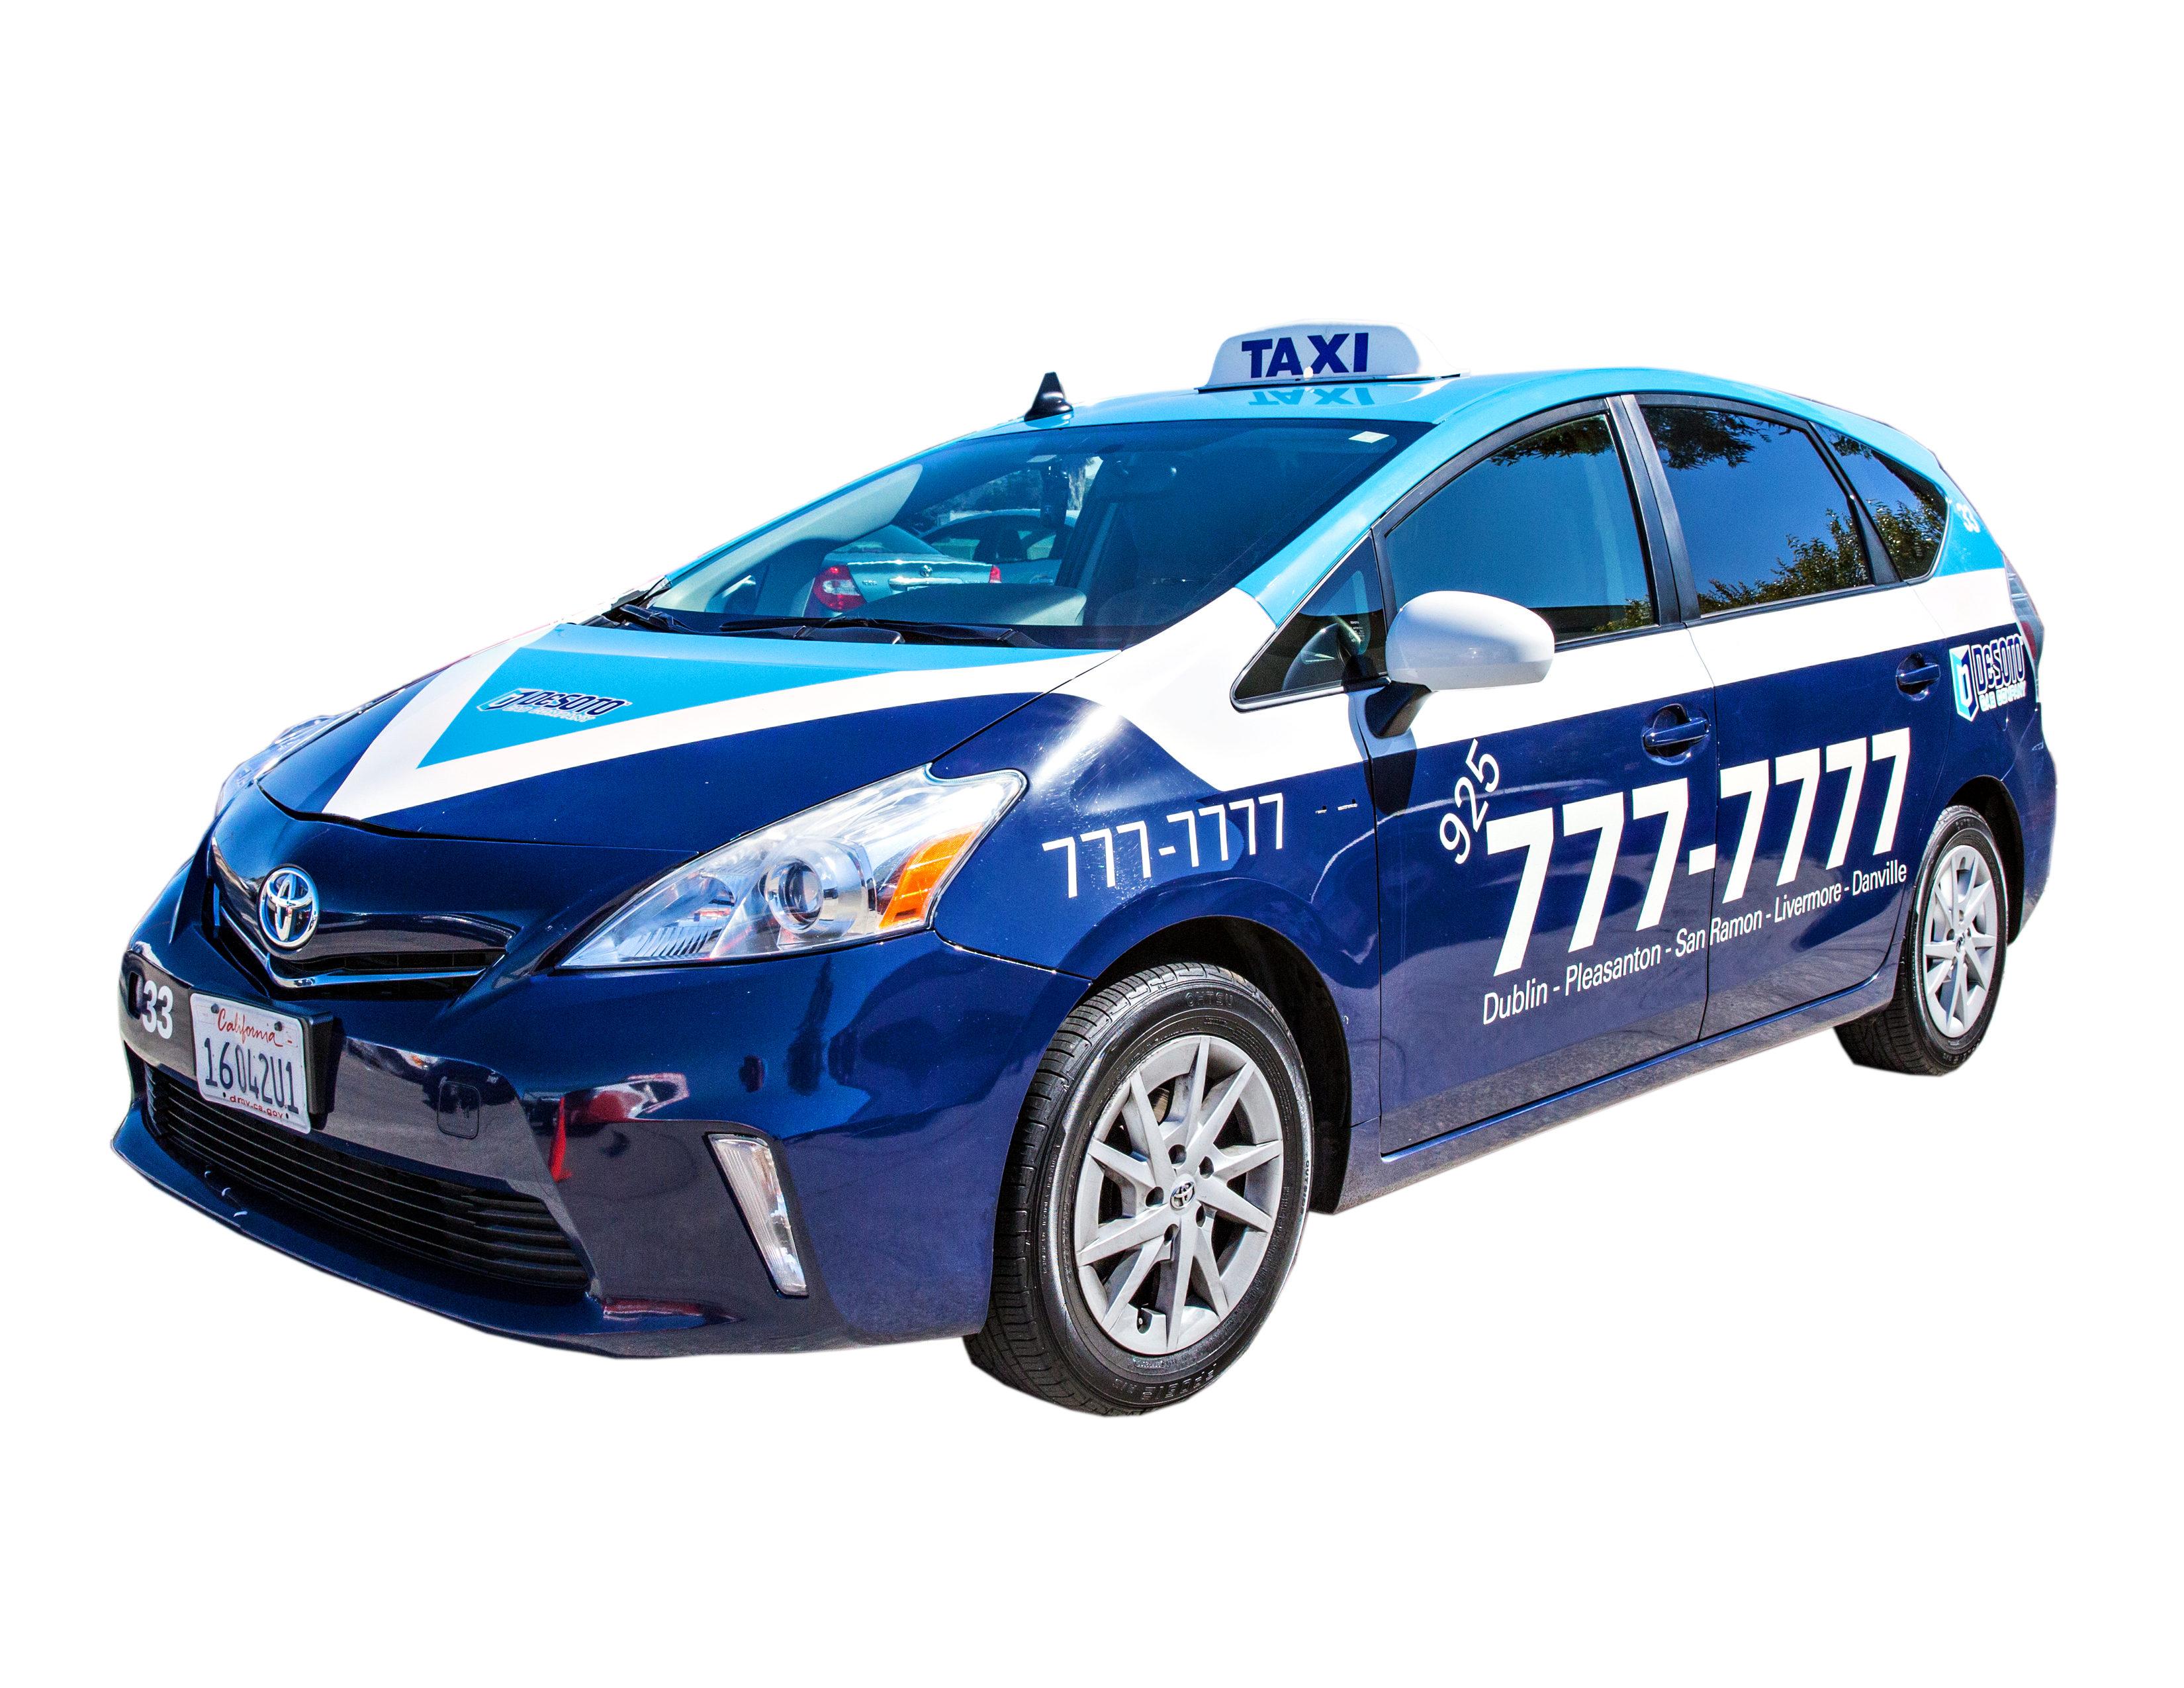 pleasanton taxi cab